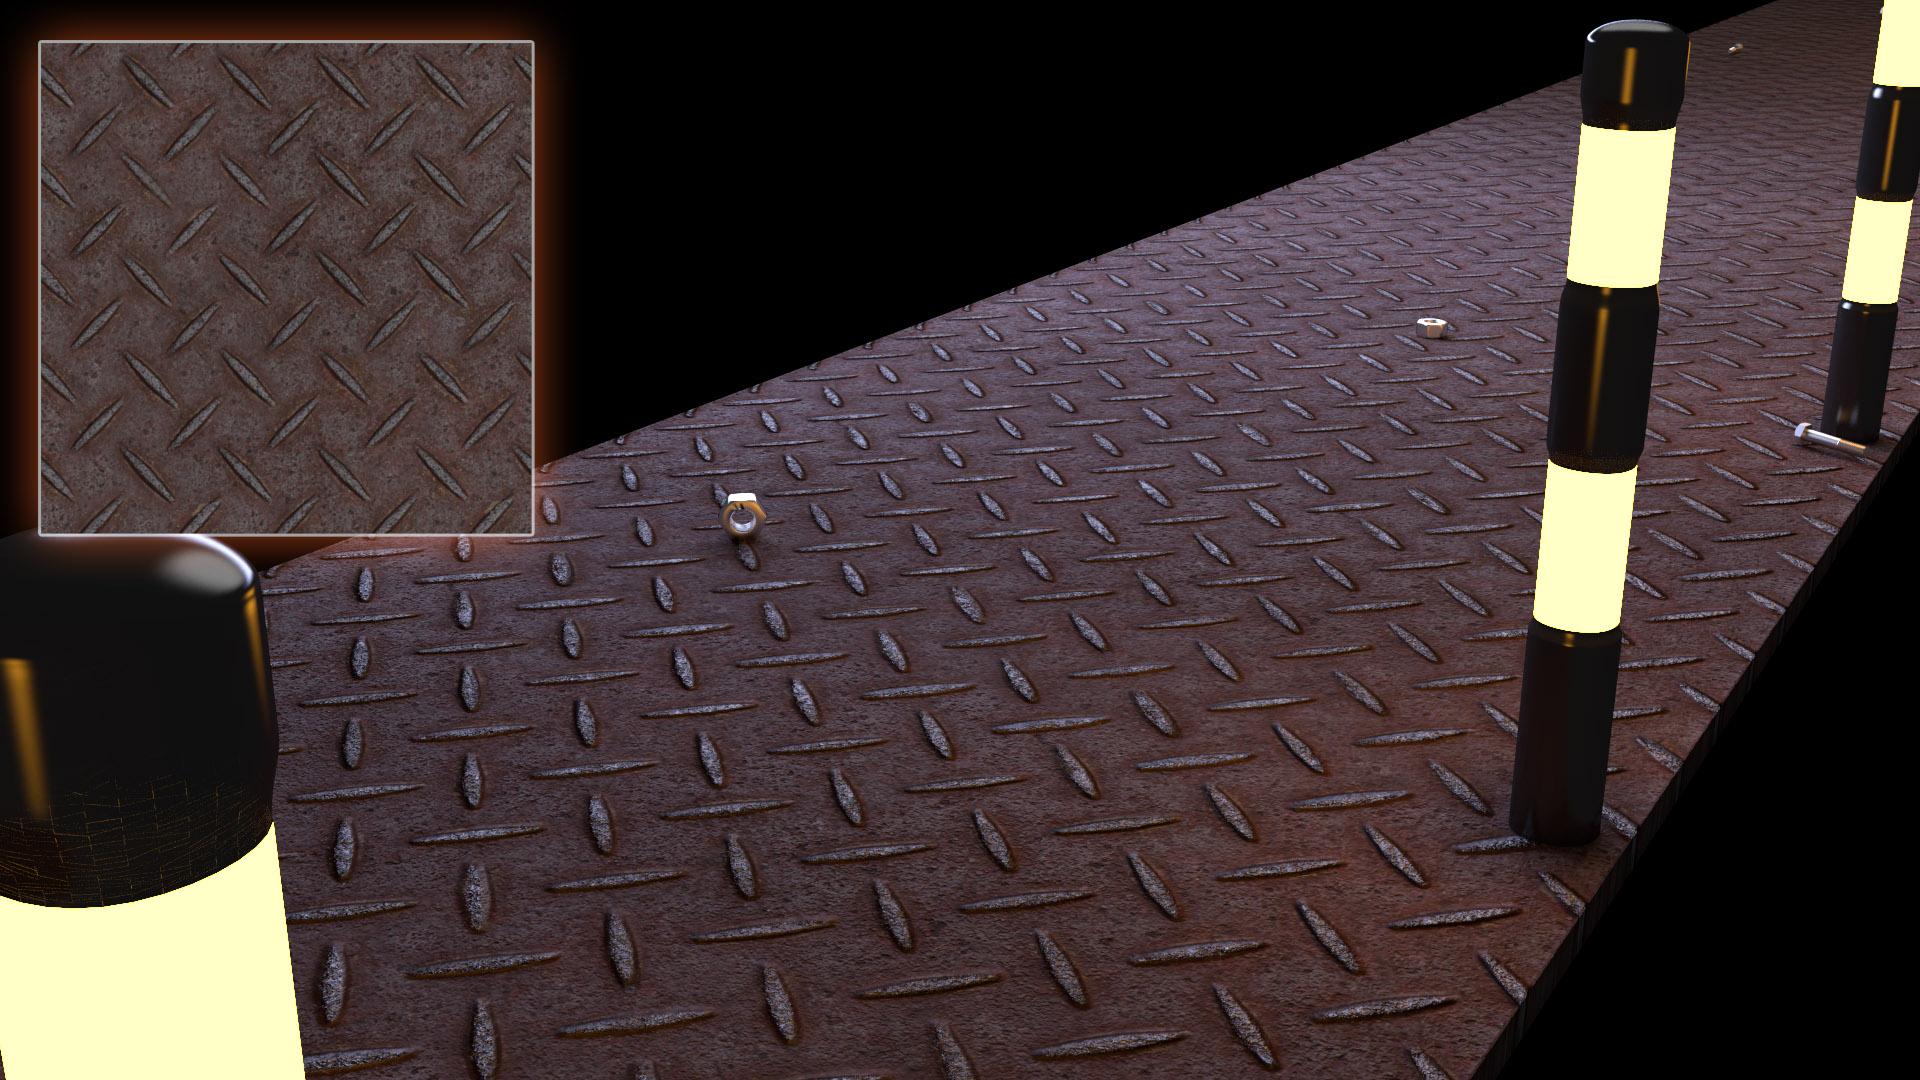 metal floor texture. Metal Floor Texture By SnowLeopard217 E